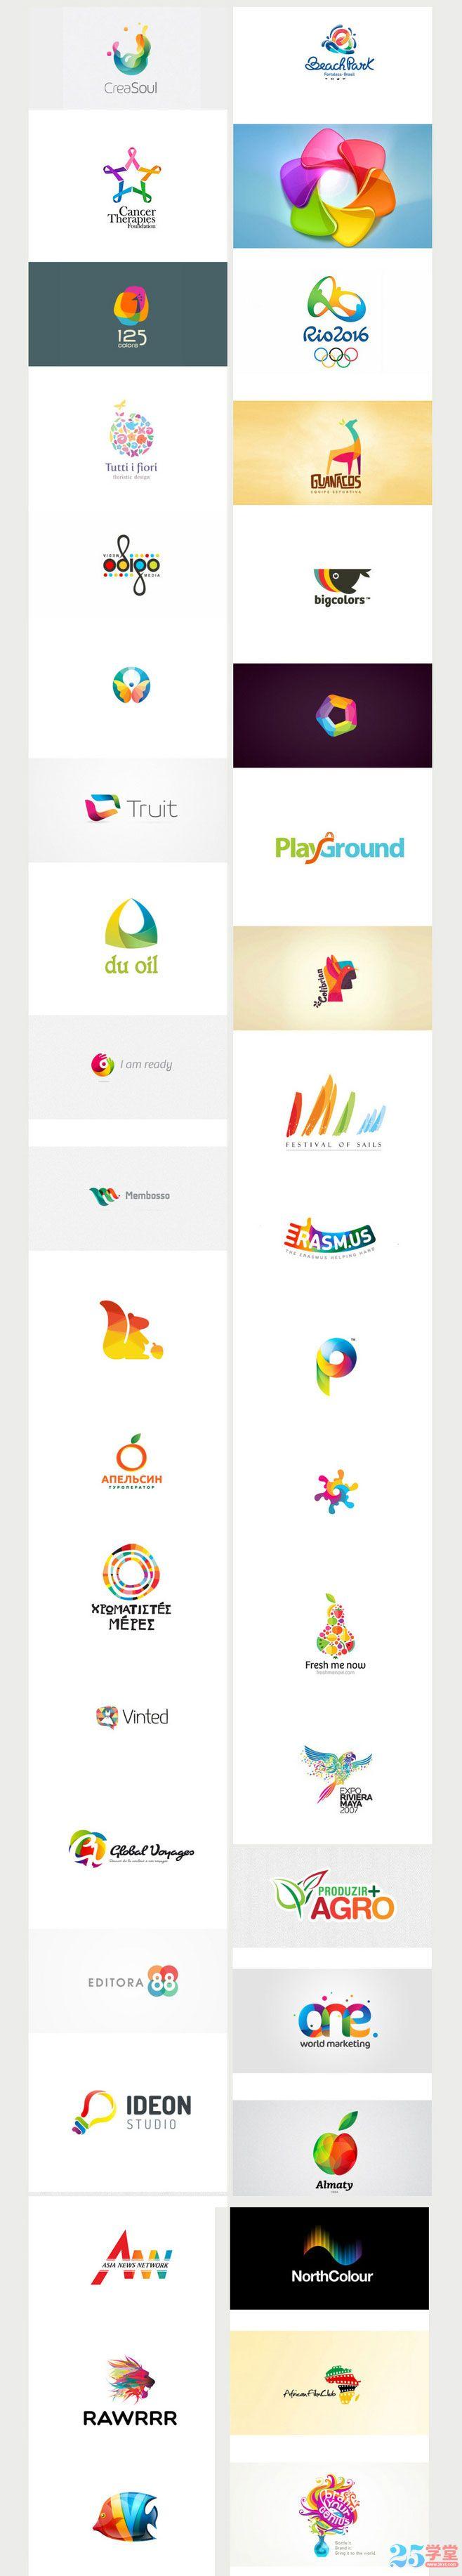 色彩logo设计灵感